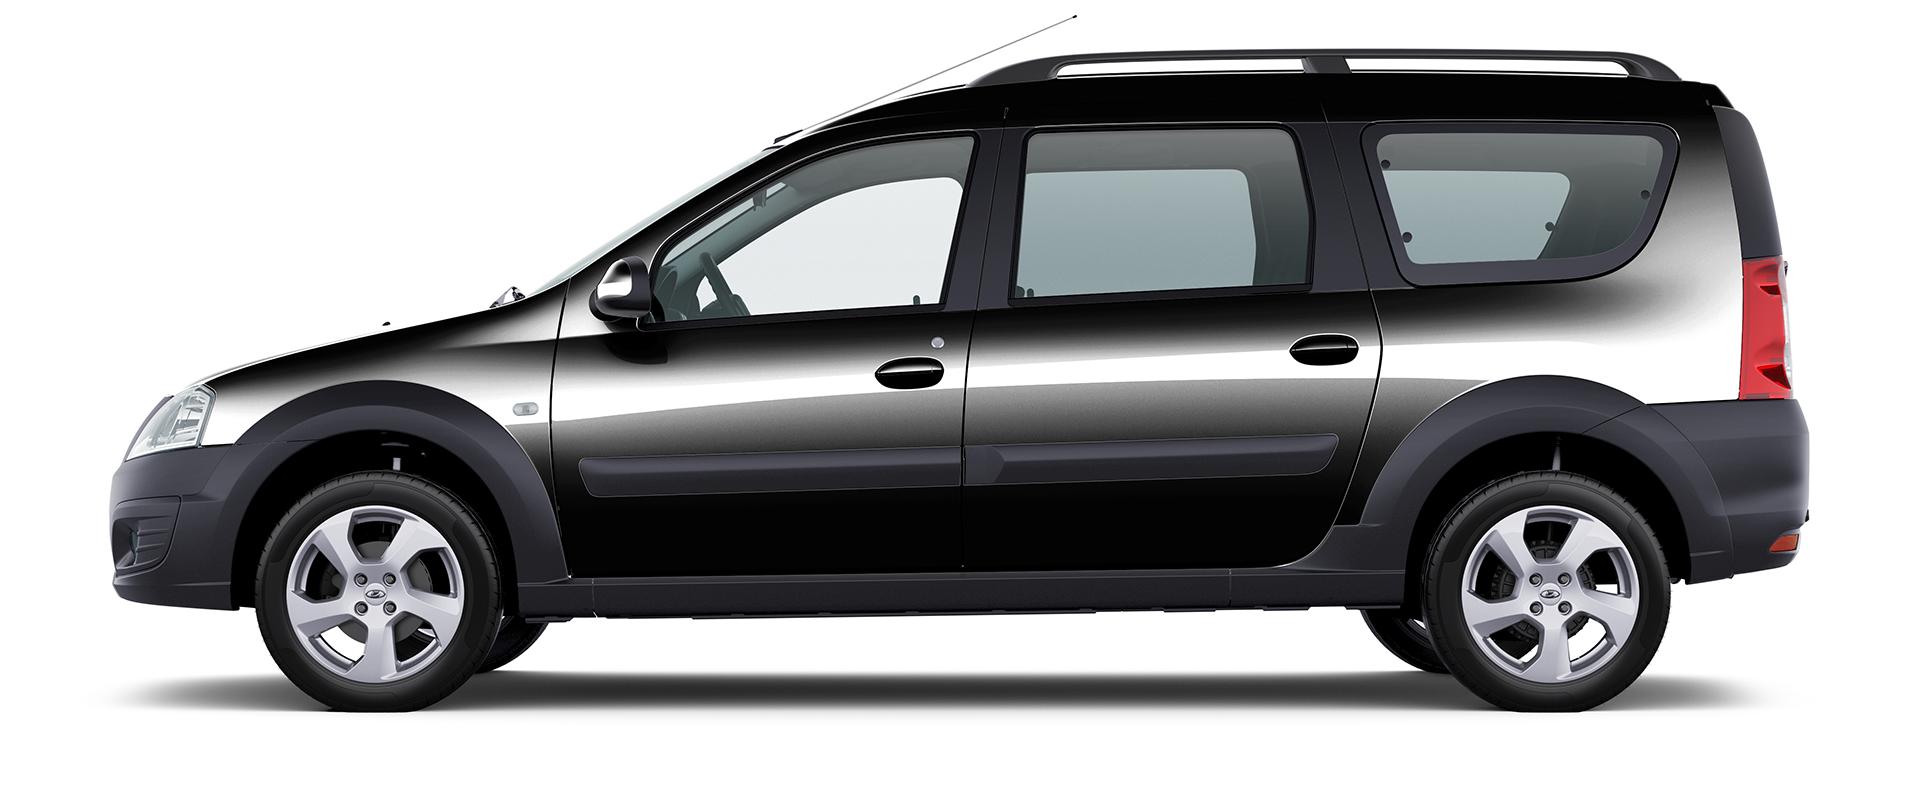 LADA Largus универсал CNG  – Технические характеристики –  Официальный сайт LADA